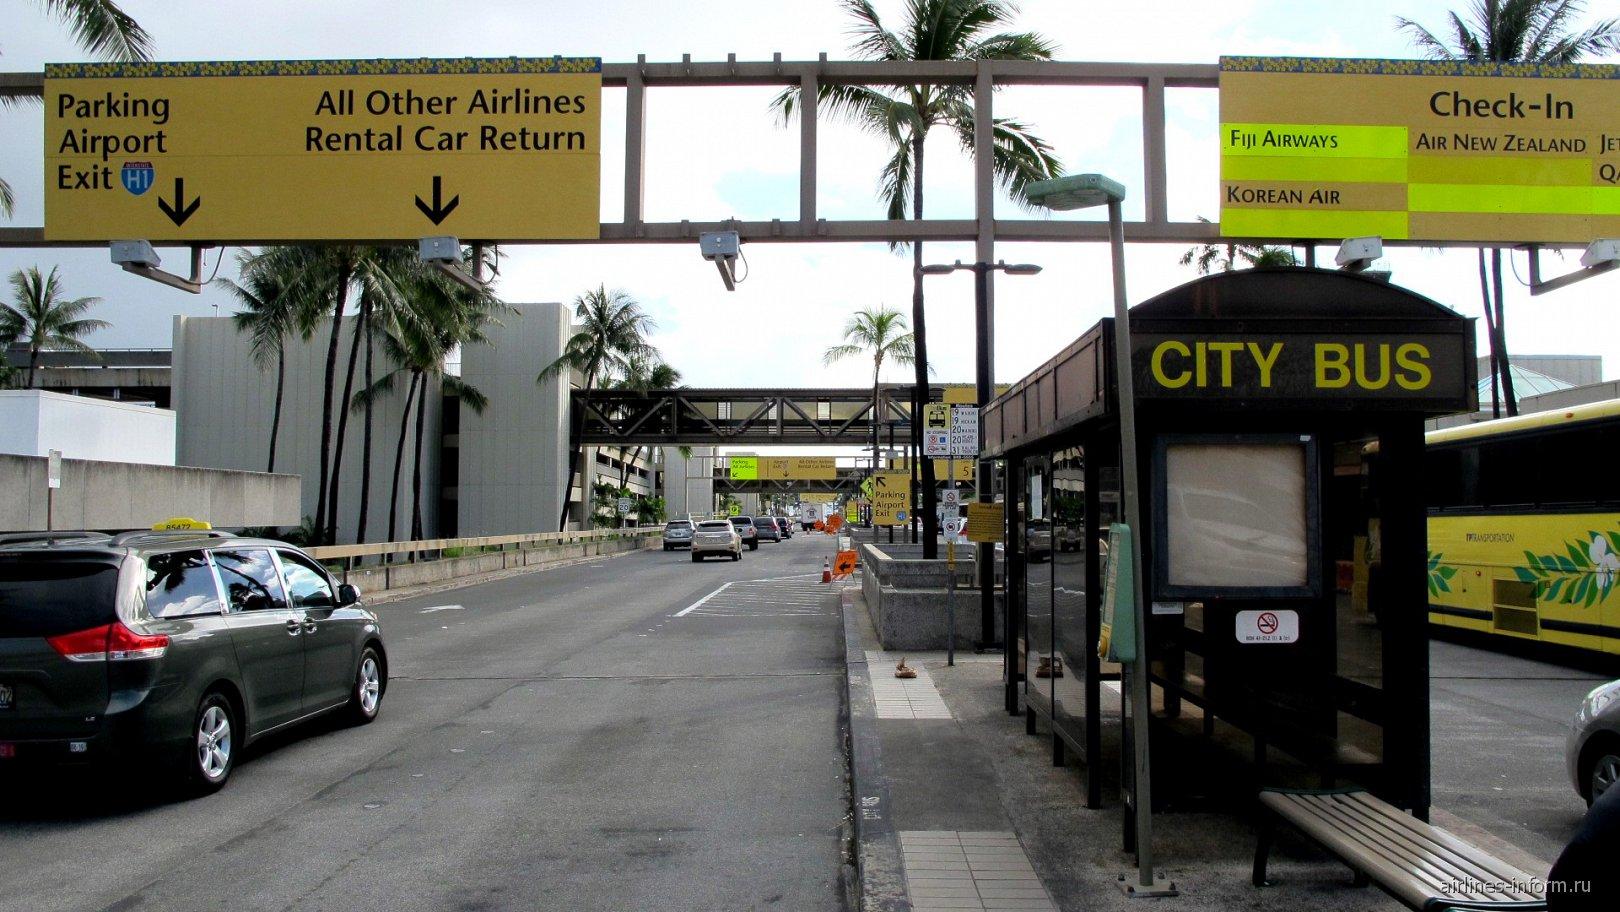 Автобусная остановка в аэропорту Гонолулу